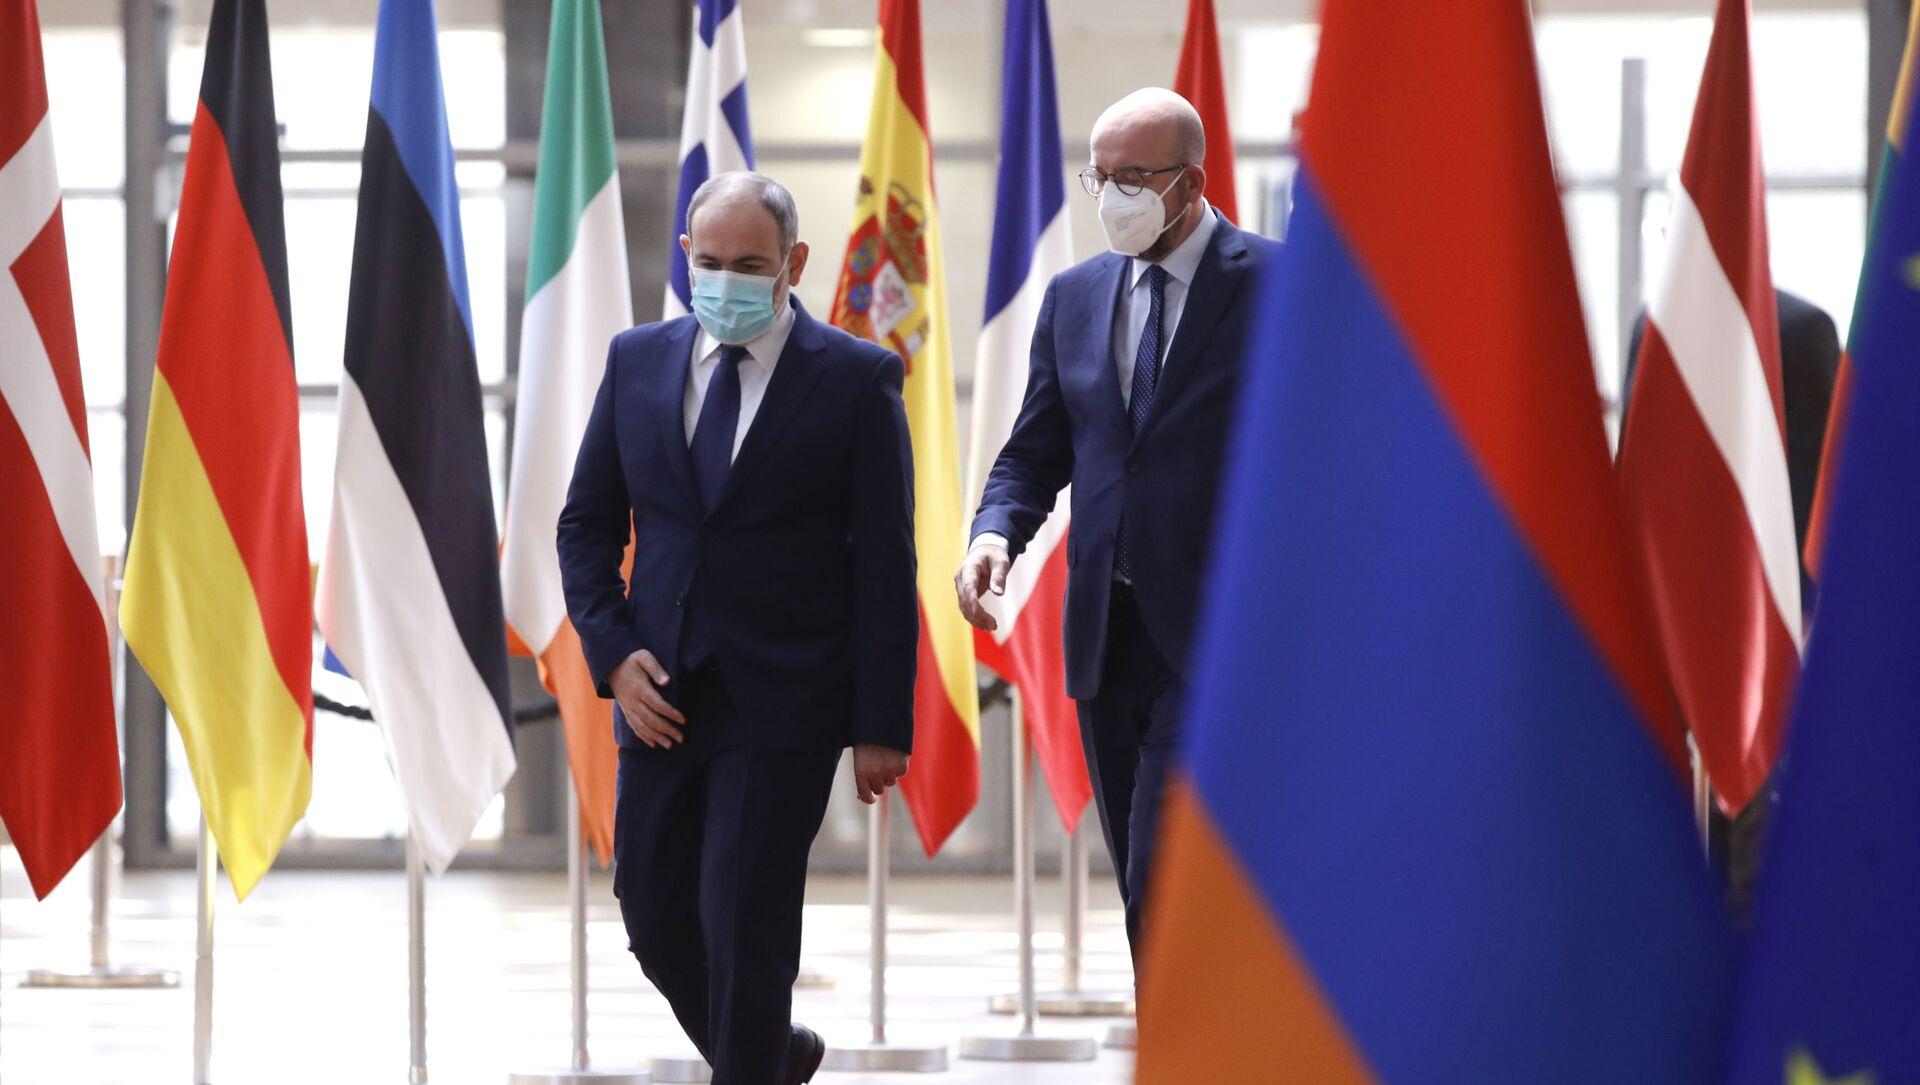 Президент Европейского совета Шарль Мишель (справа) приветствует премьер-министра Армении Никола Пашиняна перед встречей в здании Европейского совета в Брюсселе в среду, 2 июня 2021 г - Sputnik Азербайджан, 1920, 03.06.2021